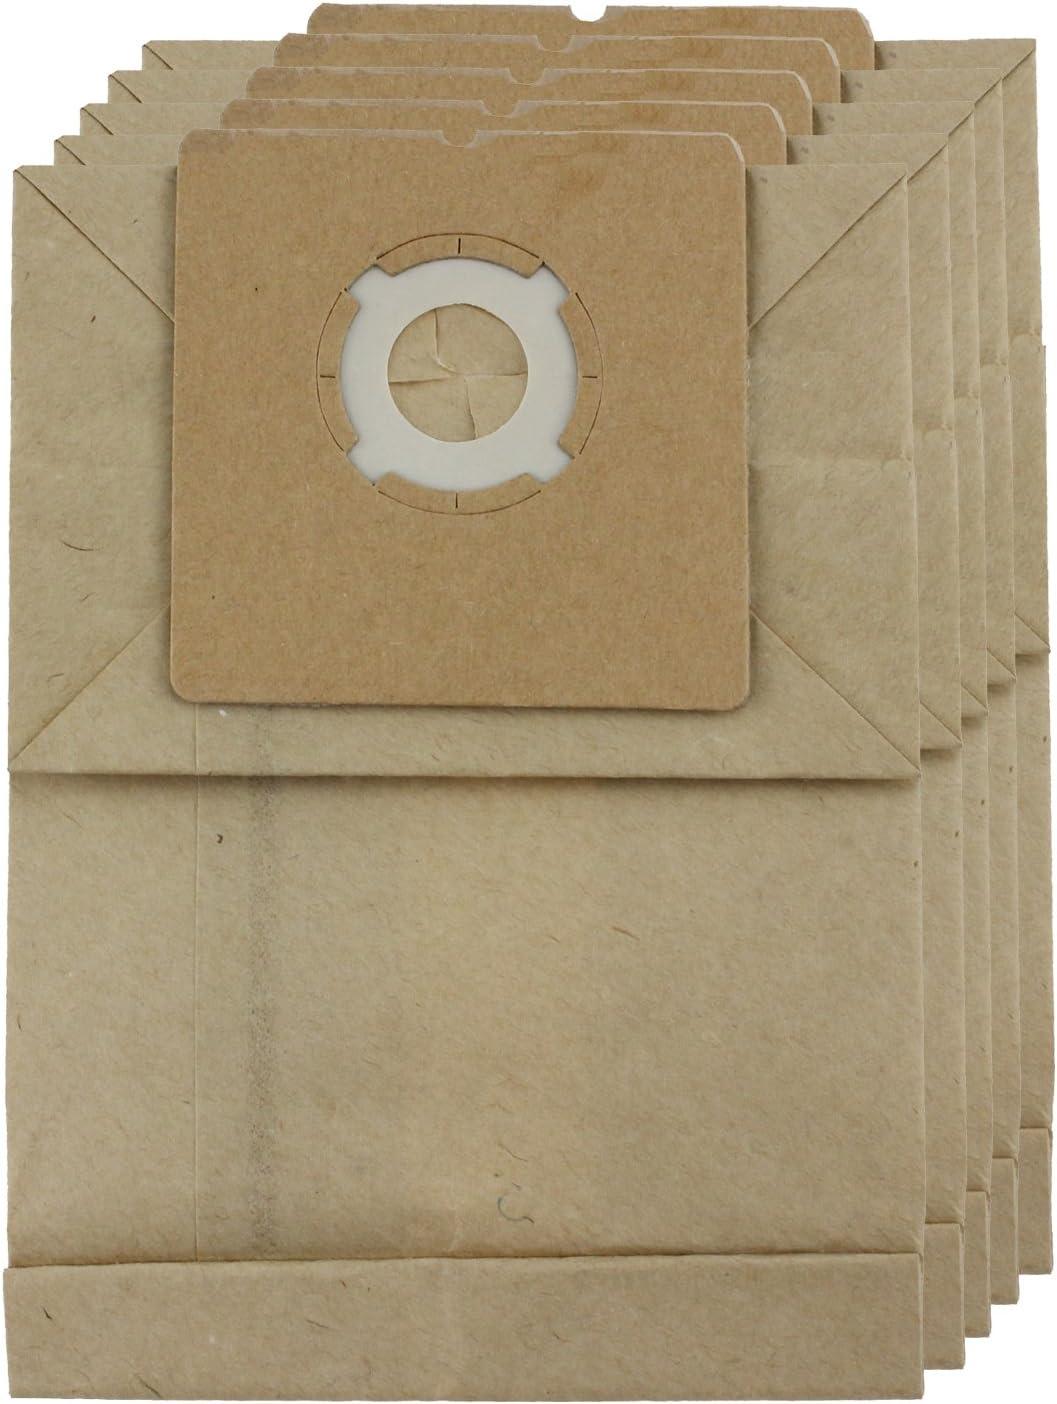 Spares2go fuertes bolsas de polvo para Hoover Studio H55 aspiradora (Pack de 5): Amazon.es: Hogar